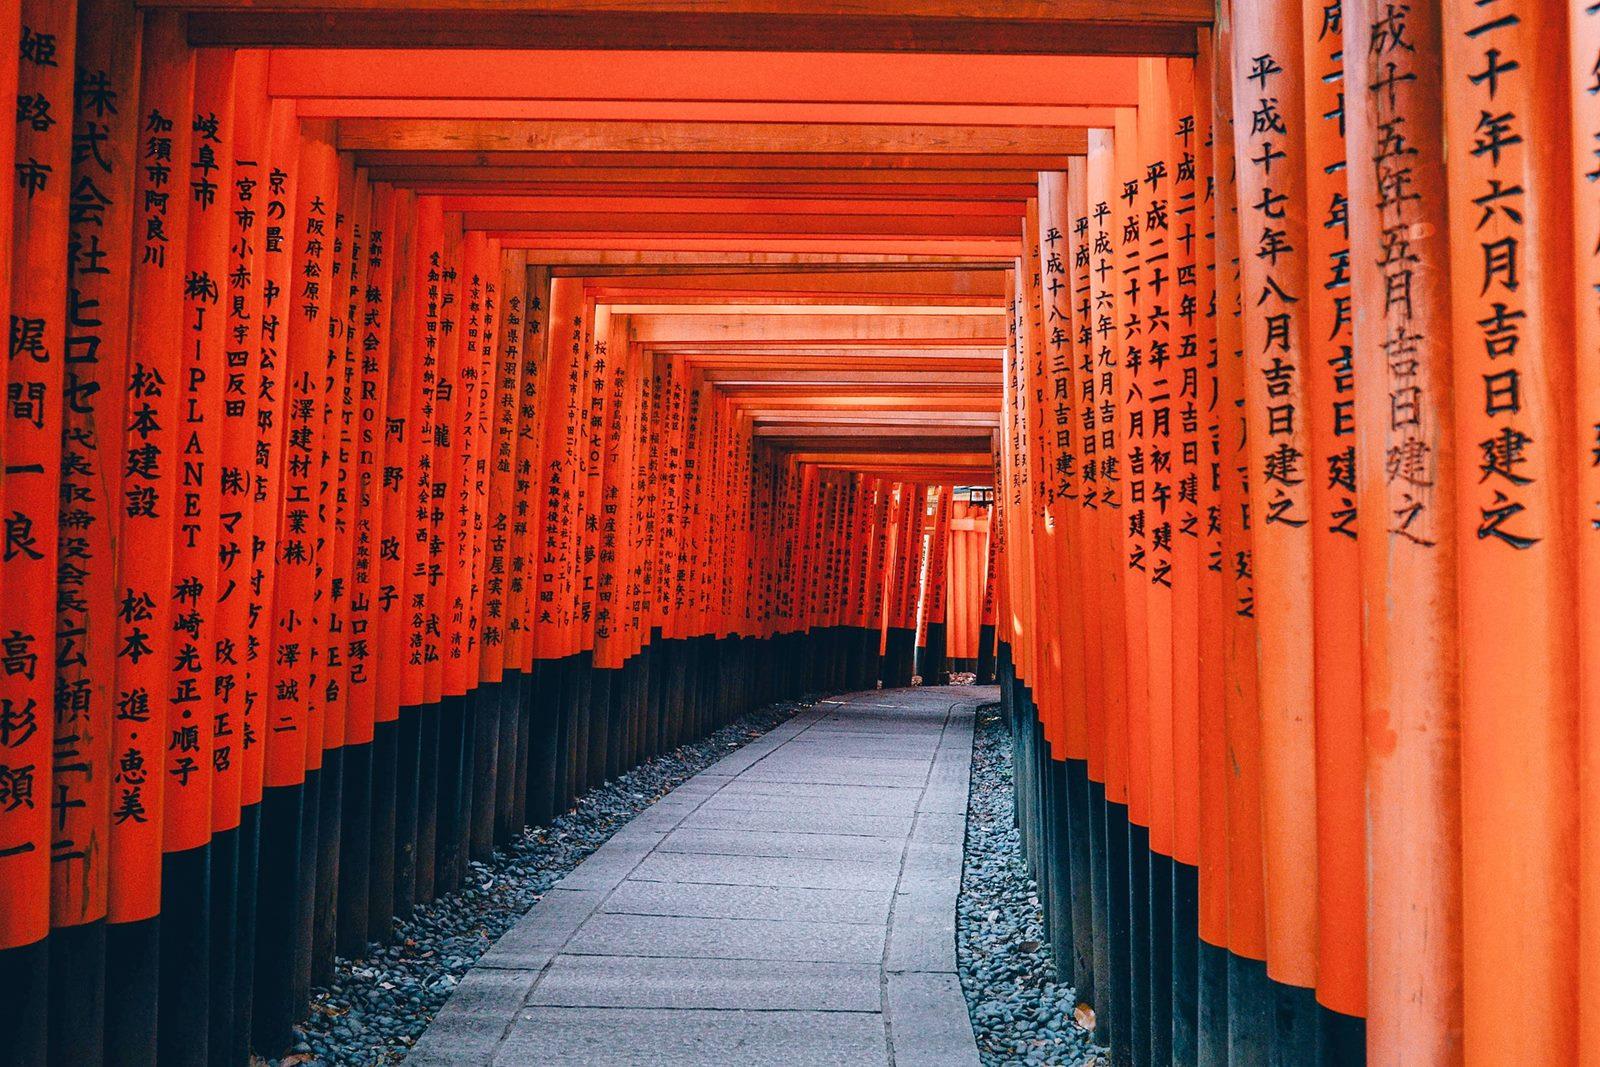 京都-京都景點-推薦-伏見稻荷大社-Fushimi-Inari-Taisha-自由行-旅遊-市區-京都必去景點-京都好玩景點-行程-京都必遊景點-日本-Kyoto-Tourist-Attraction